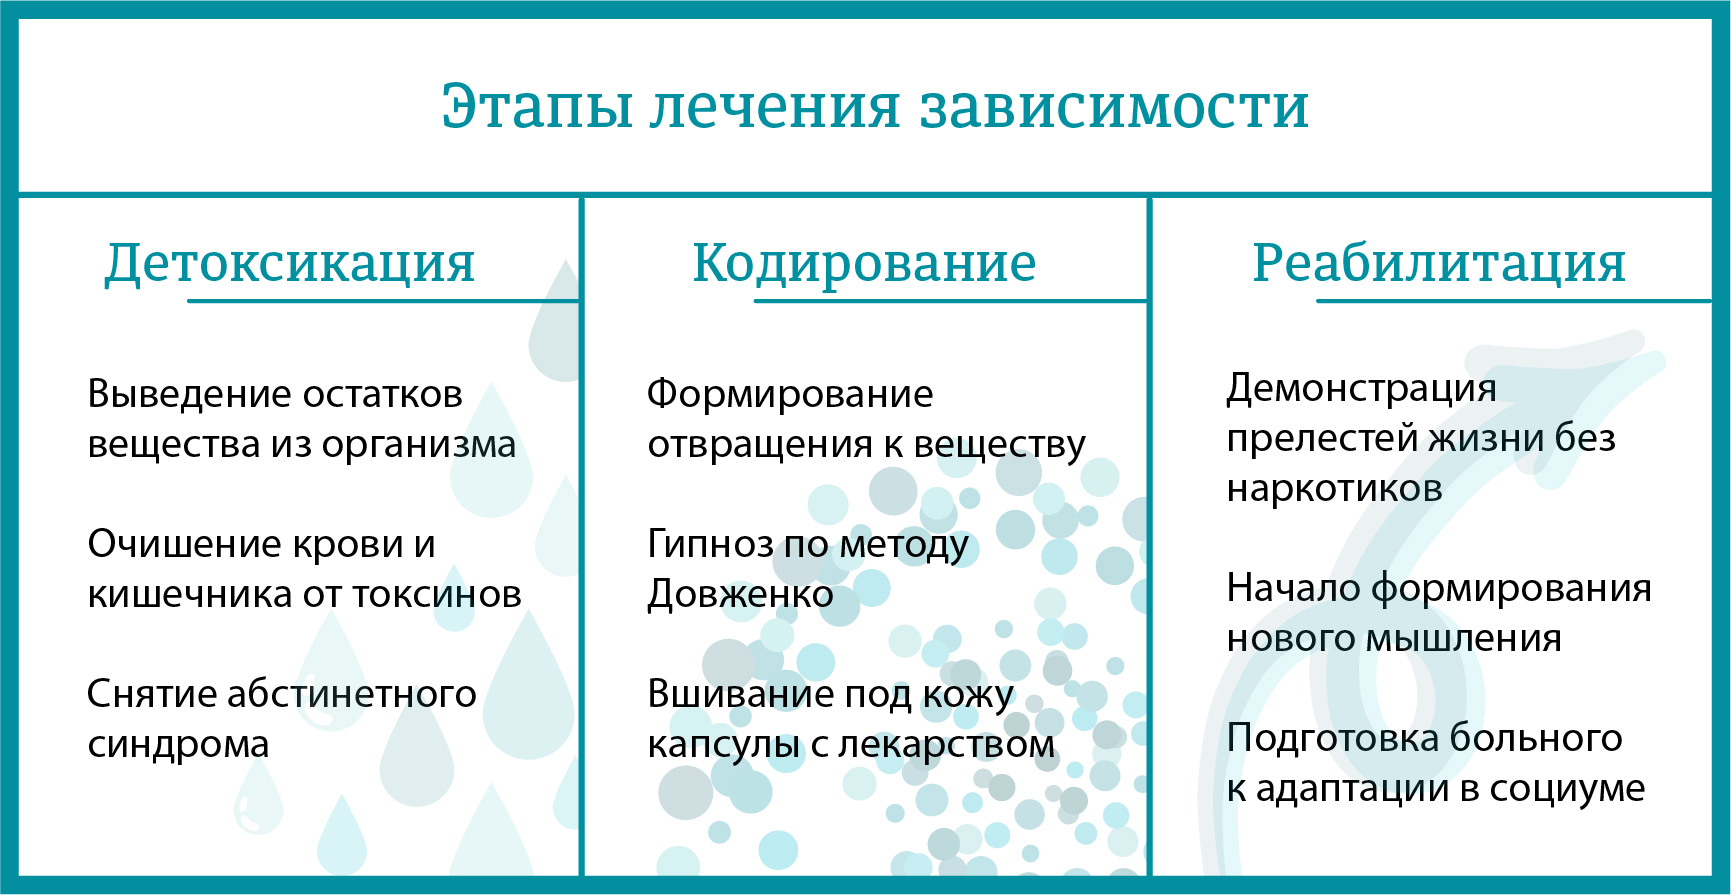 этапы лечения зависимости в Михайловке